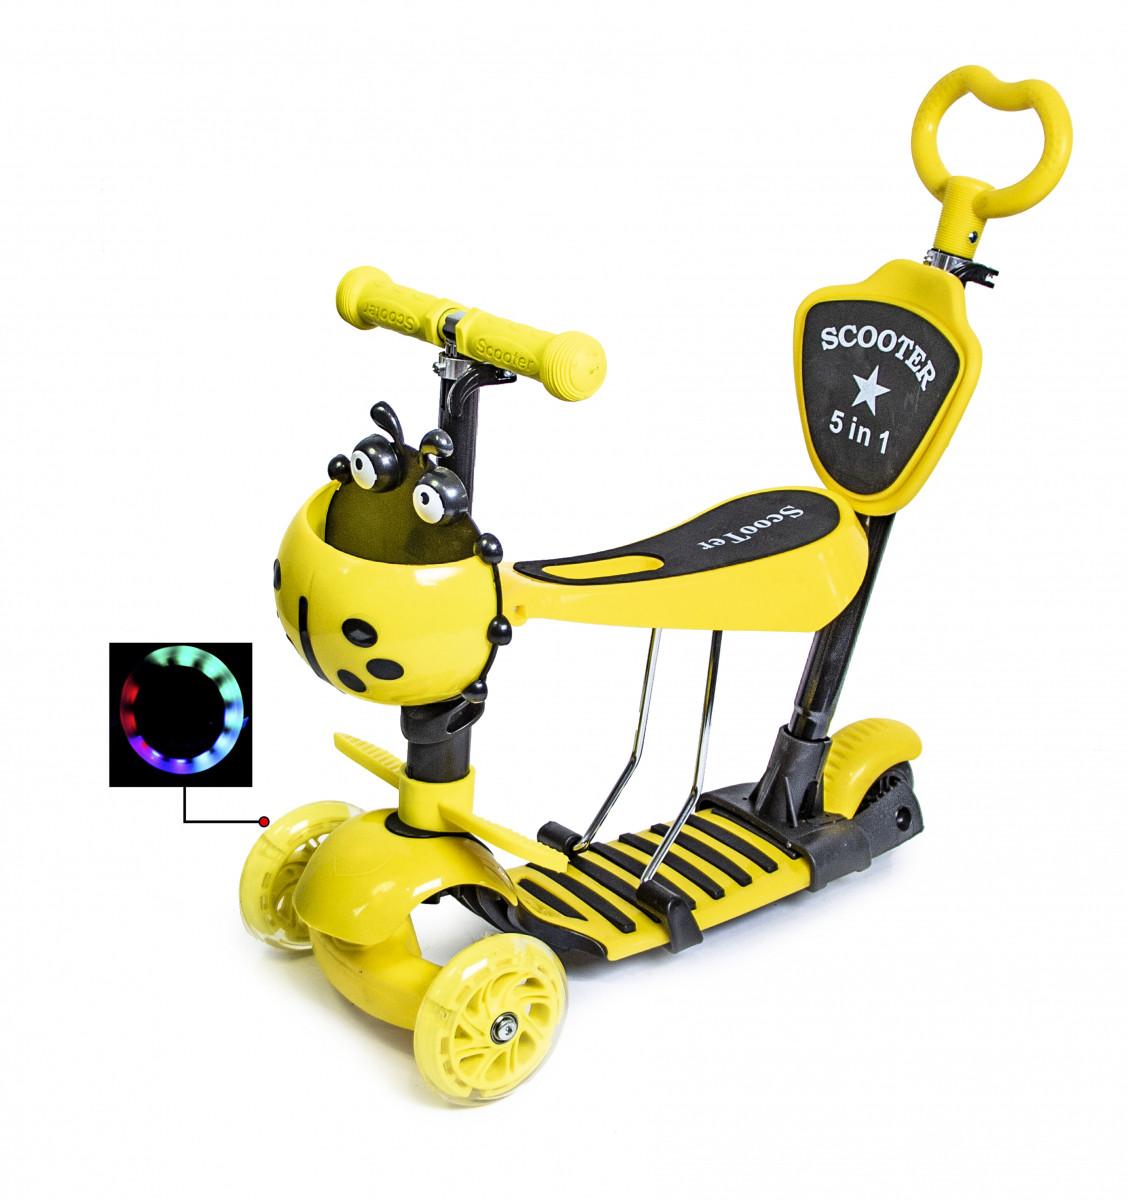 Самокат детский Scooter Божья коровка 5в1 Со святящимися колесами Желтый (SD)